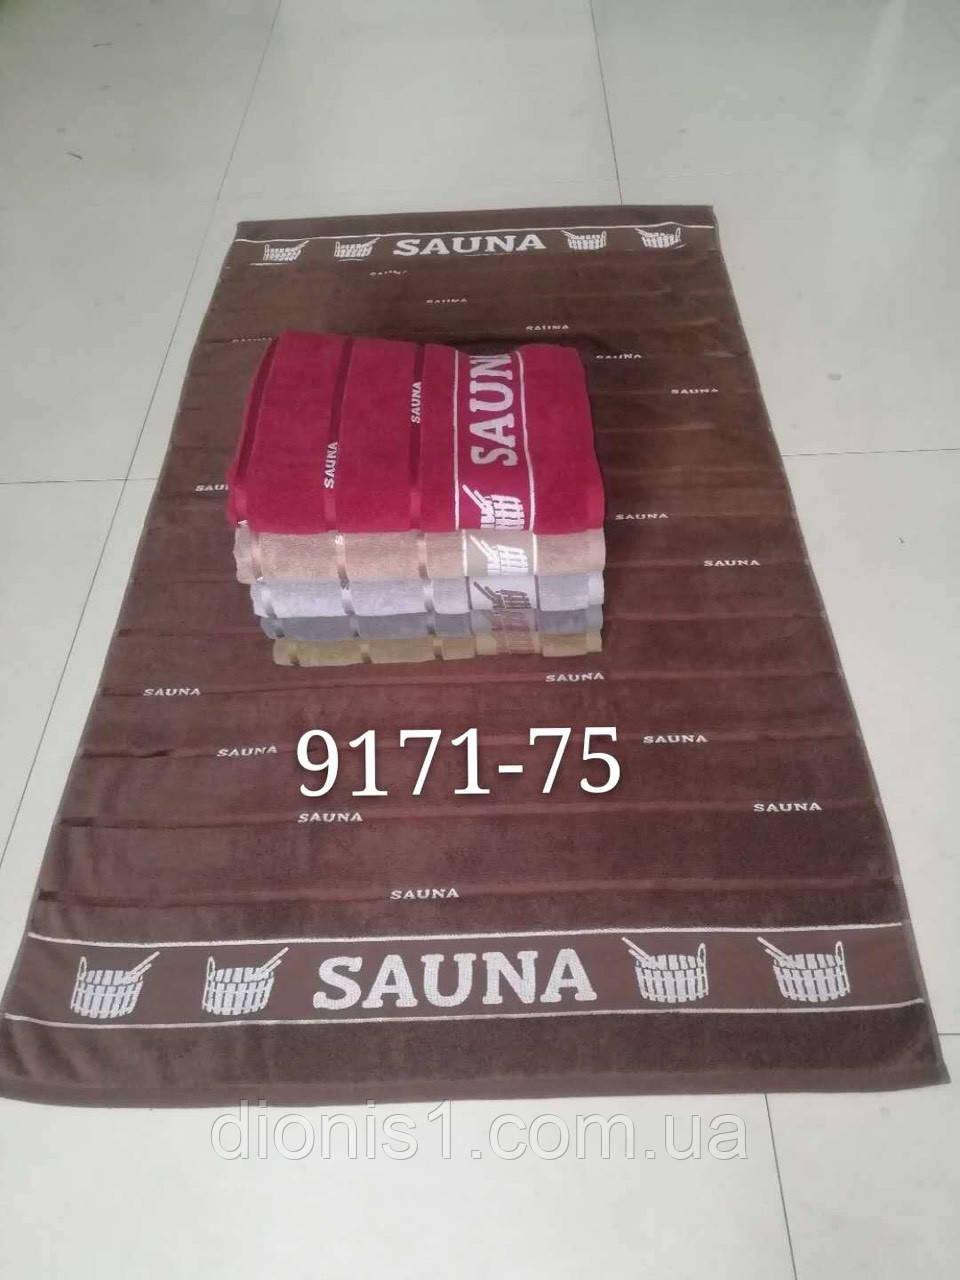 Сауна, состав: махра. Размер 110*160 кол-во 75 шт.